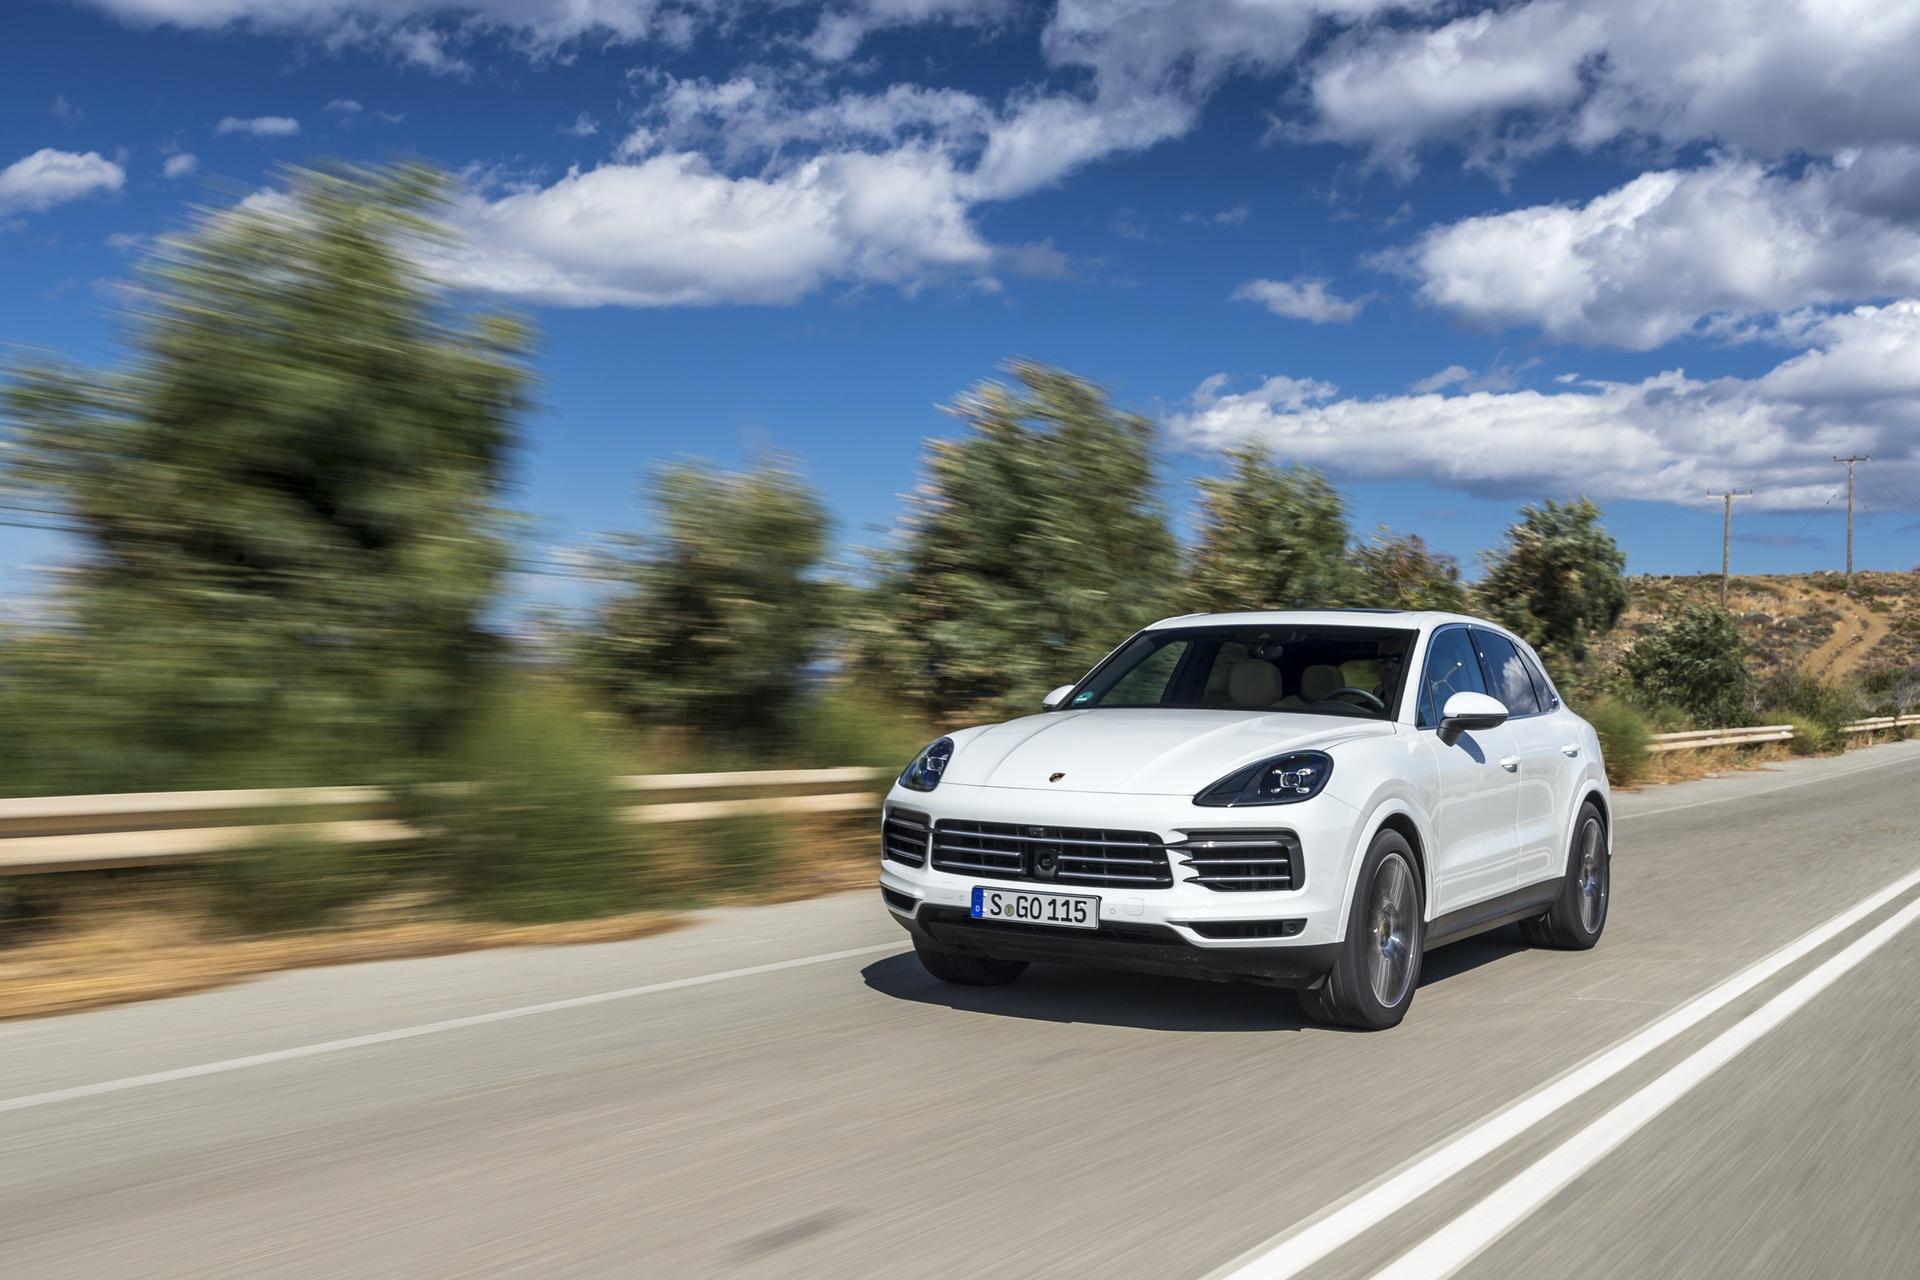 Test_Drive_Porsche_Cayenne_339